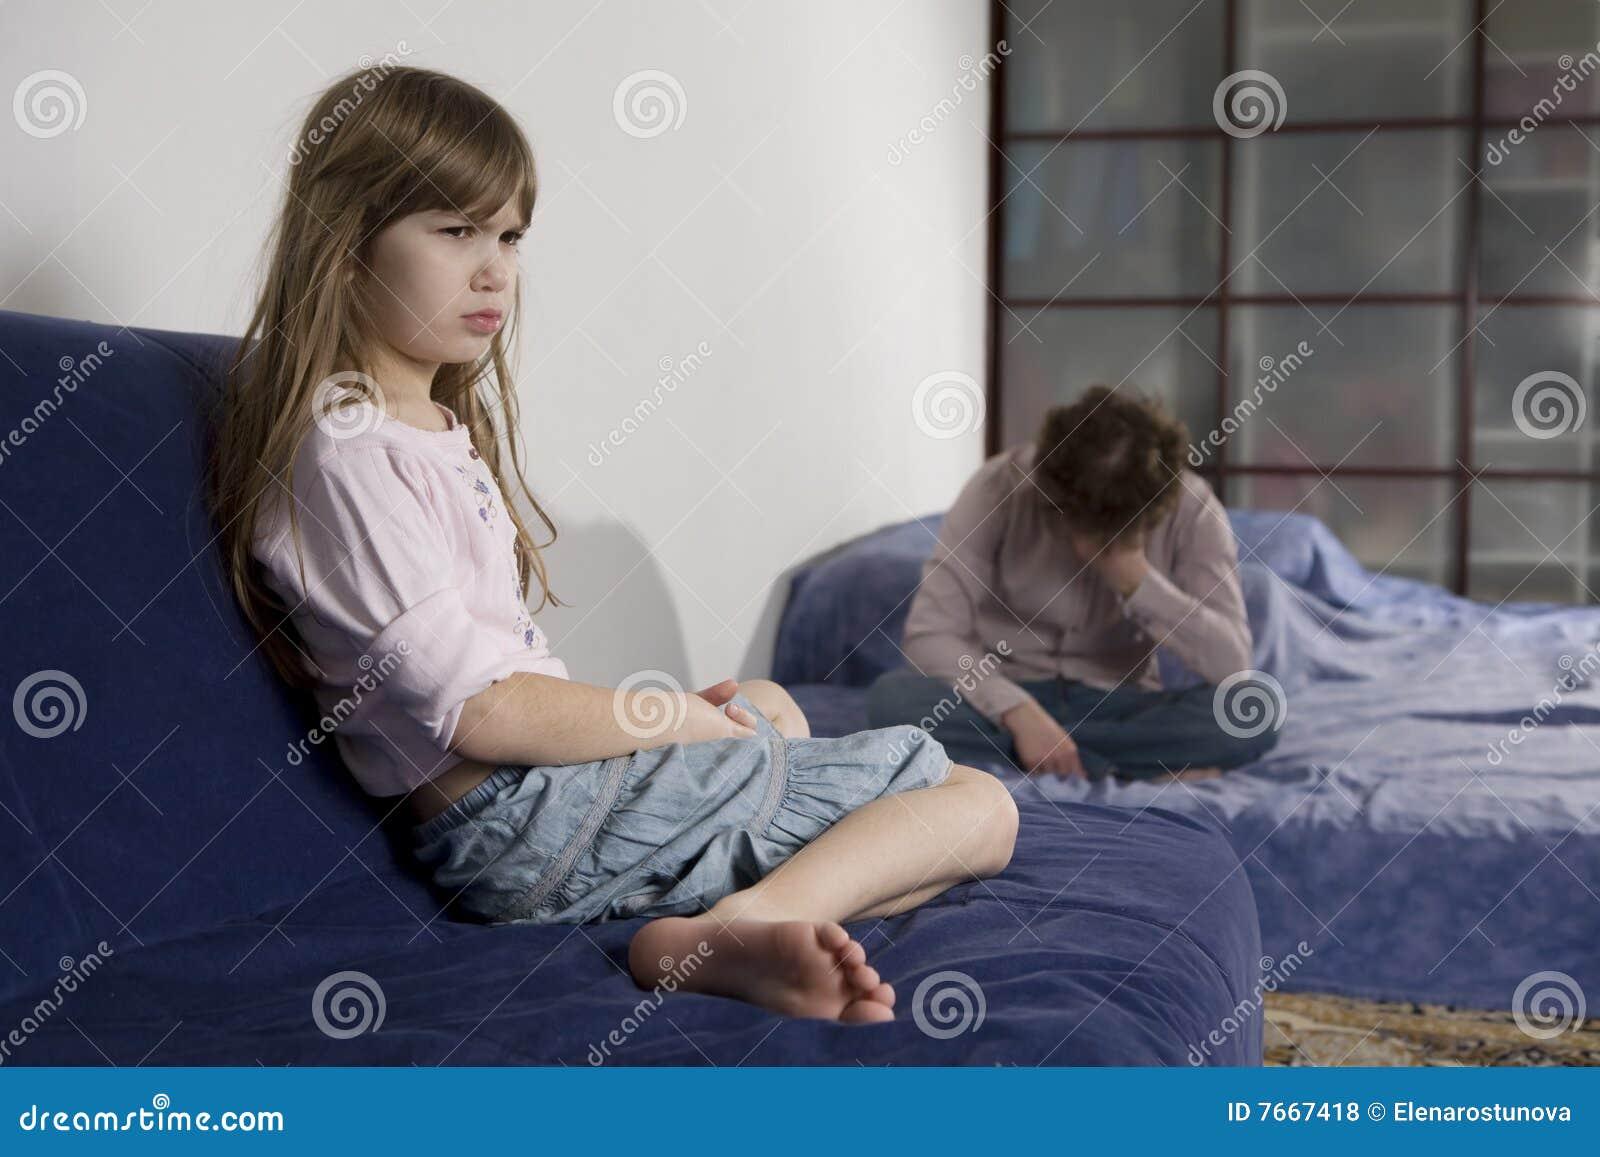 Смотреть как наказывают непослушных девушек 1 фотография